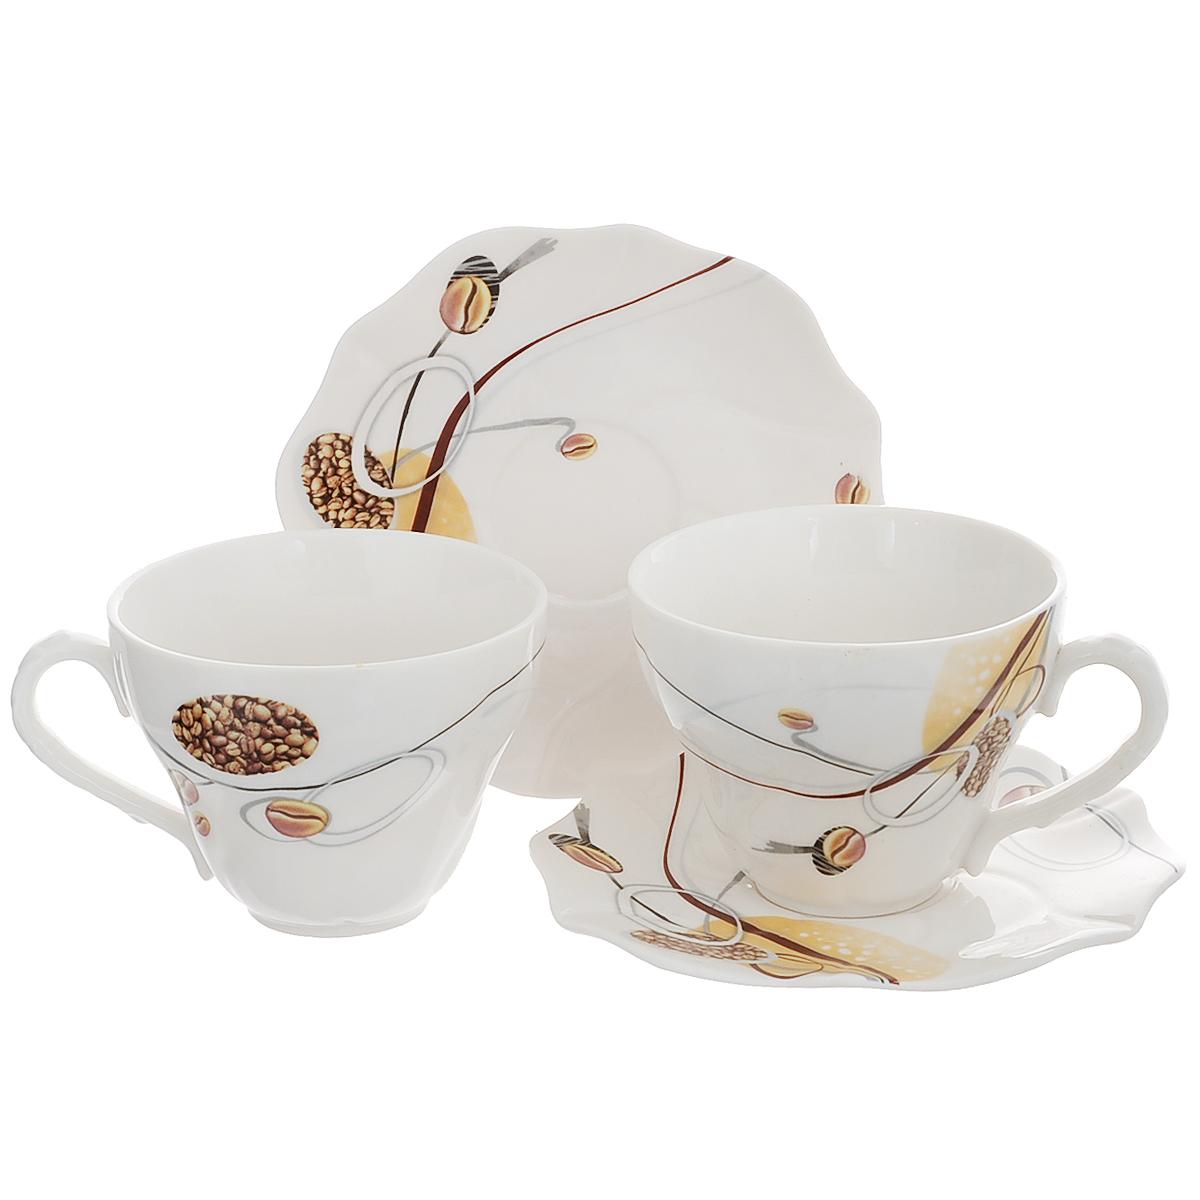 Набор чайный Briswild Джаз, 4 предмета. 516-068 набор чайный briswild цветы мака 6 предметов